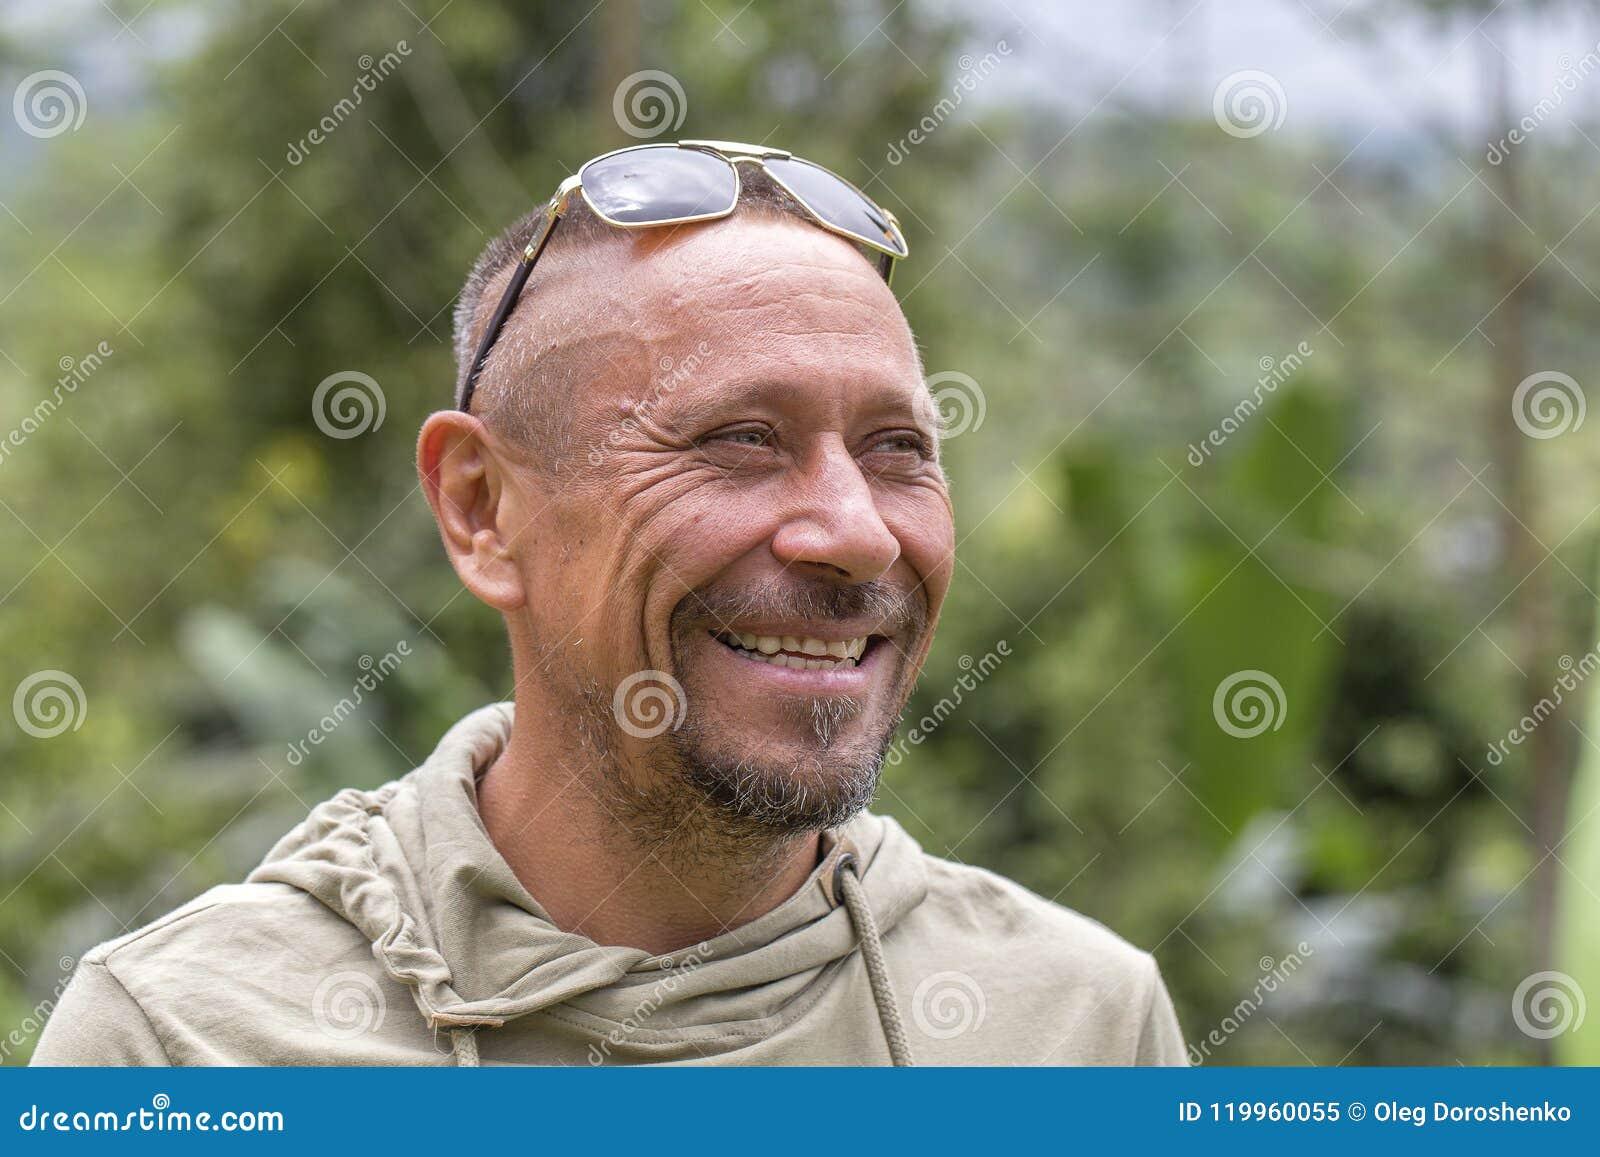 Mensen en levensstijlconcept Gelukkige ongeschoren mens op middelbare leeftijd met vrolijke glimlach openlucht tegen groene aarda